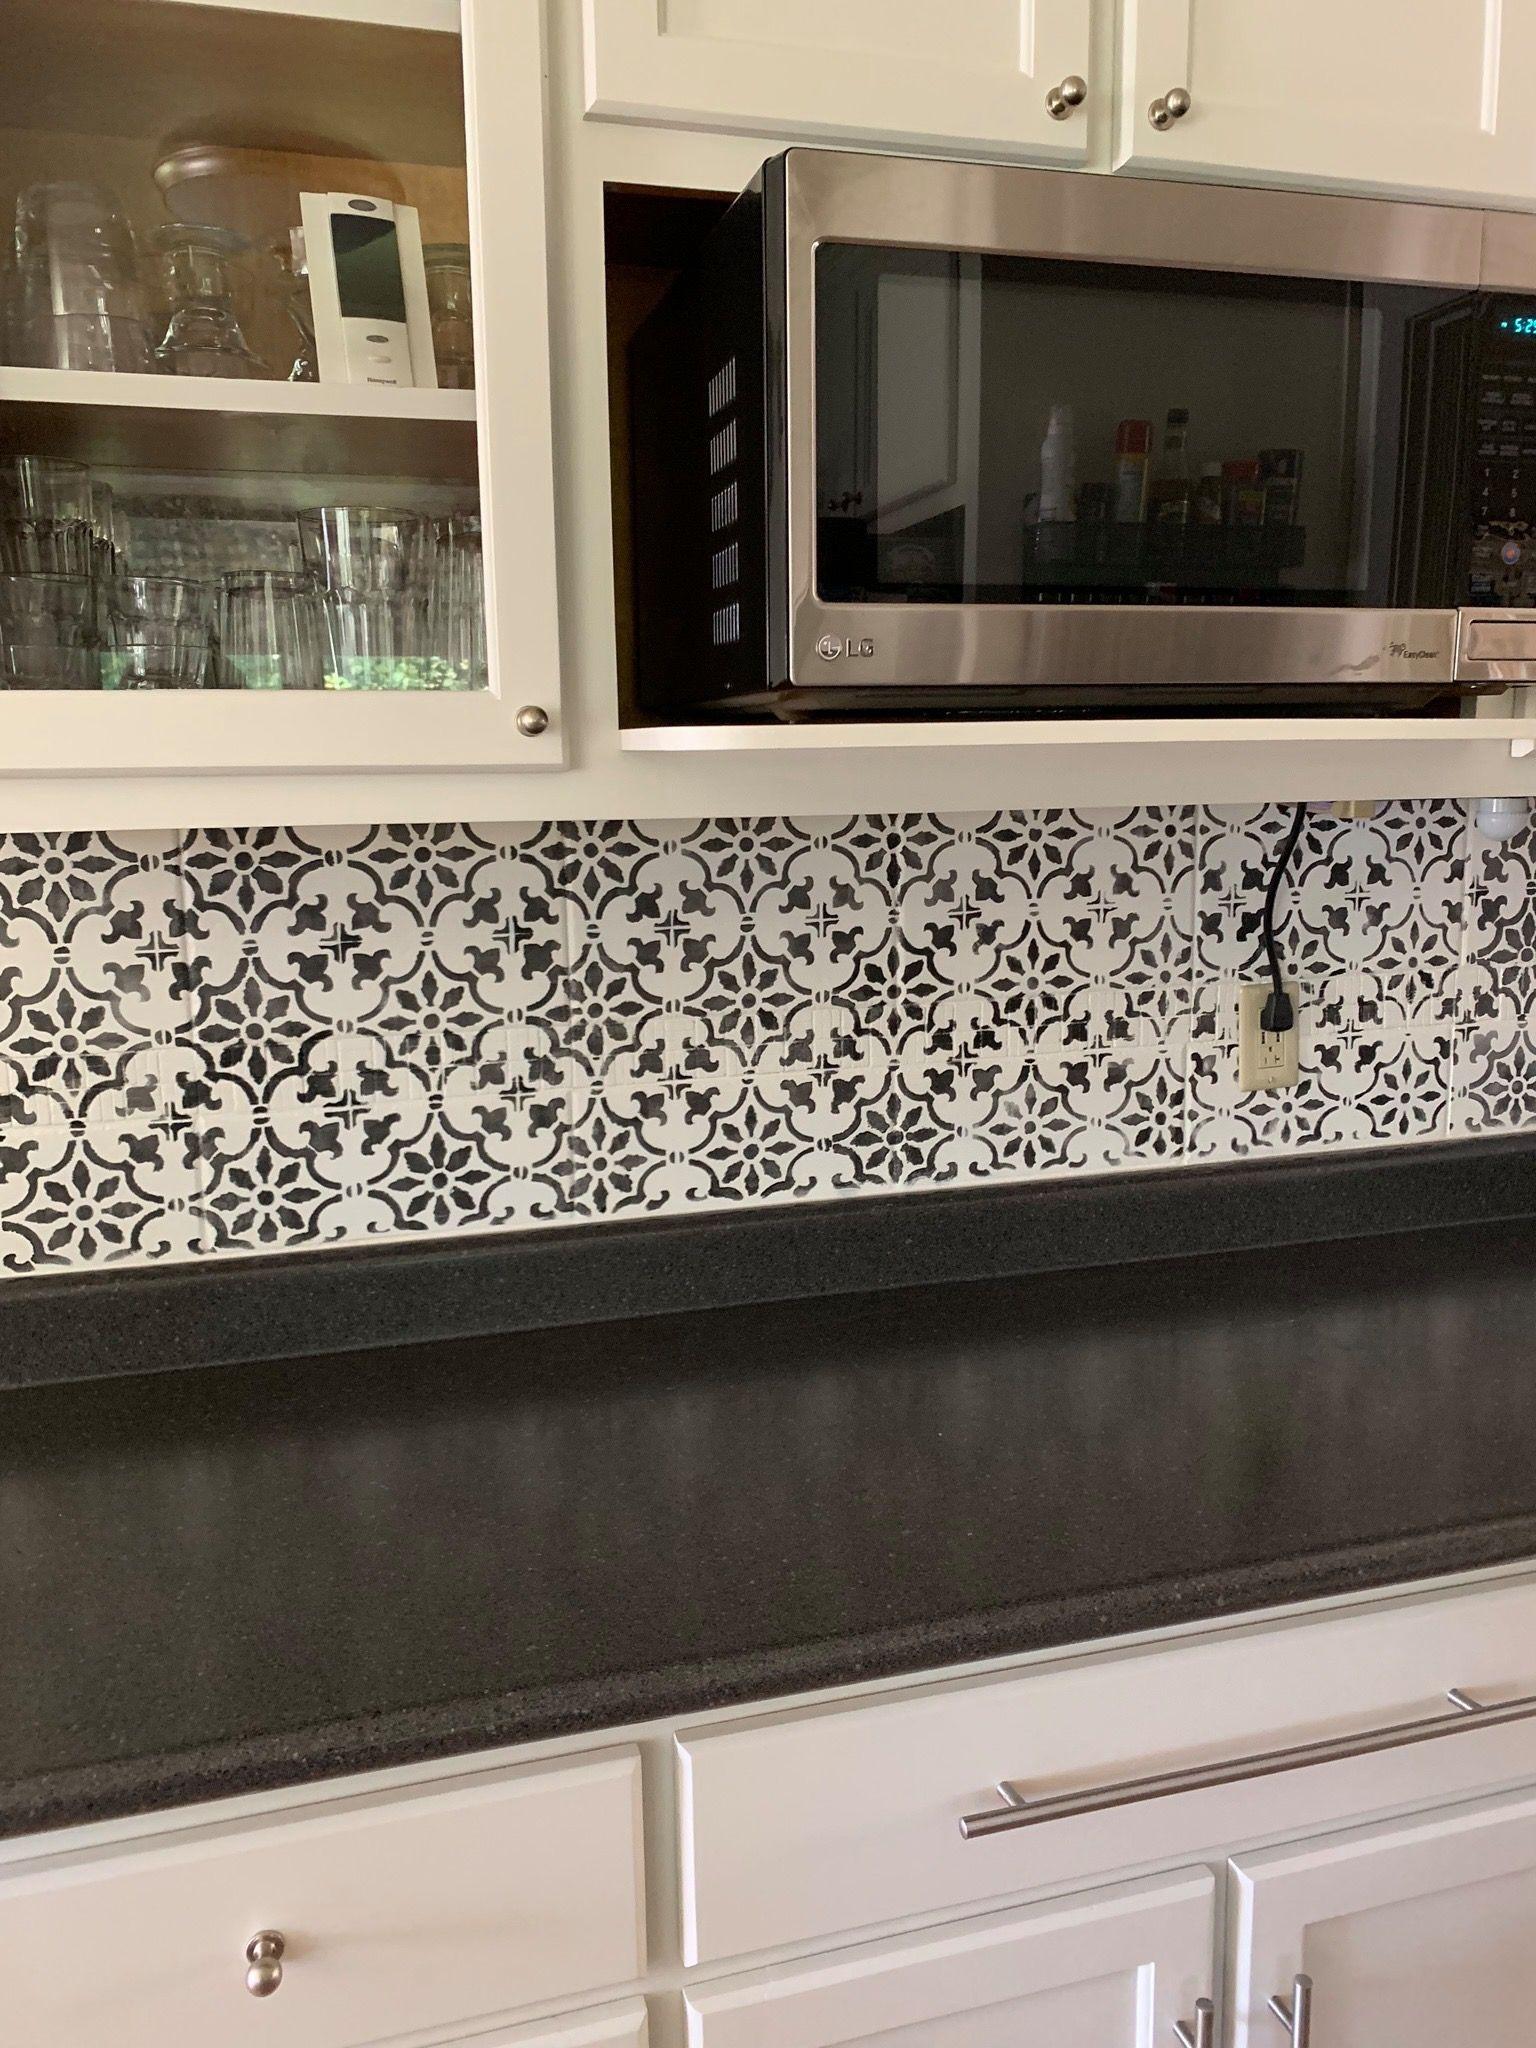 Stenciled Tile Backsplash Using Wise Owl Primer And One Hour Enamel Does Your Backsplash Need An Update Www Wis Wise Owl Paint Wise Owl Tile Backsplash